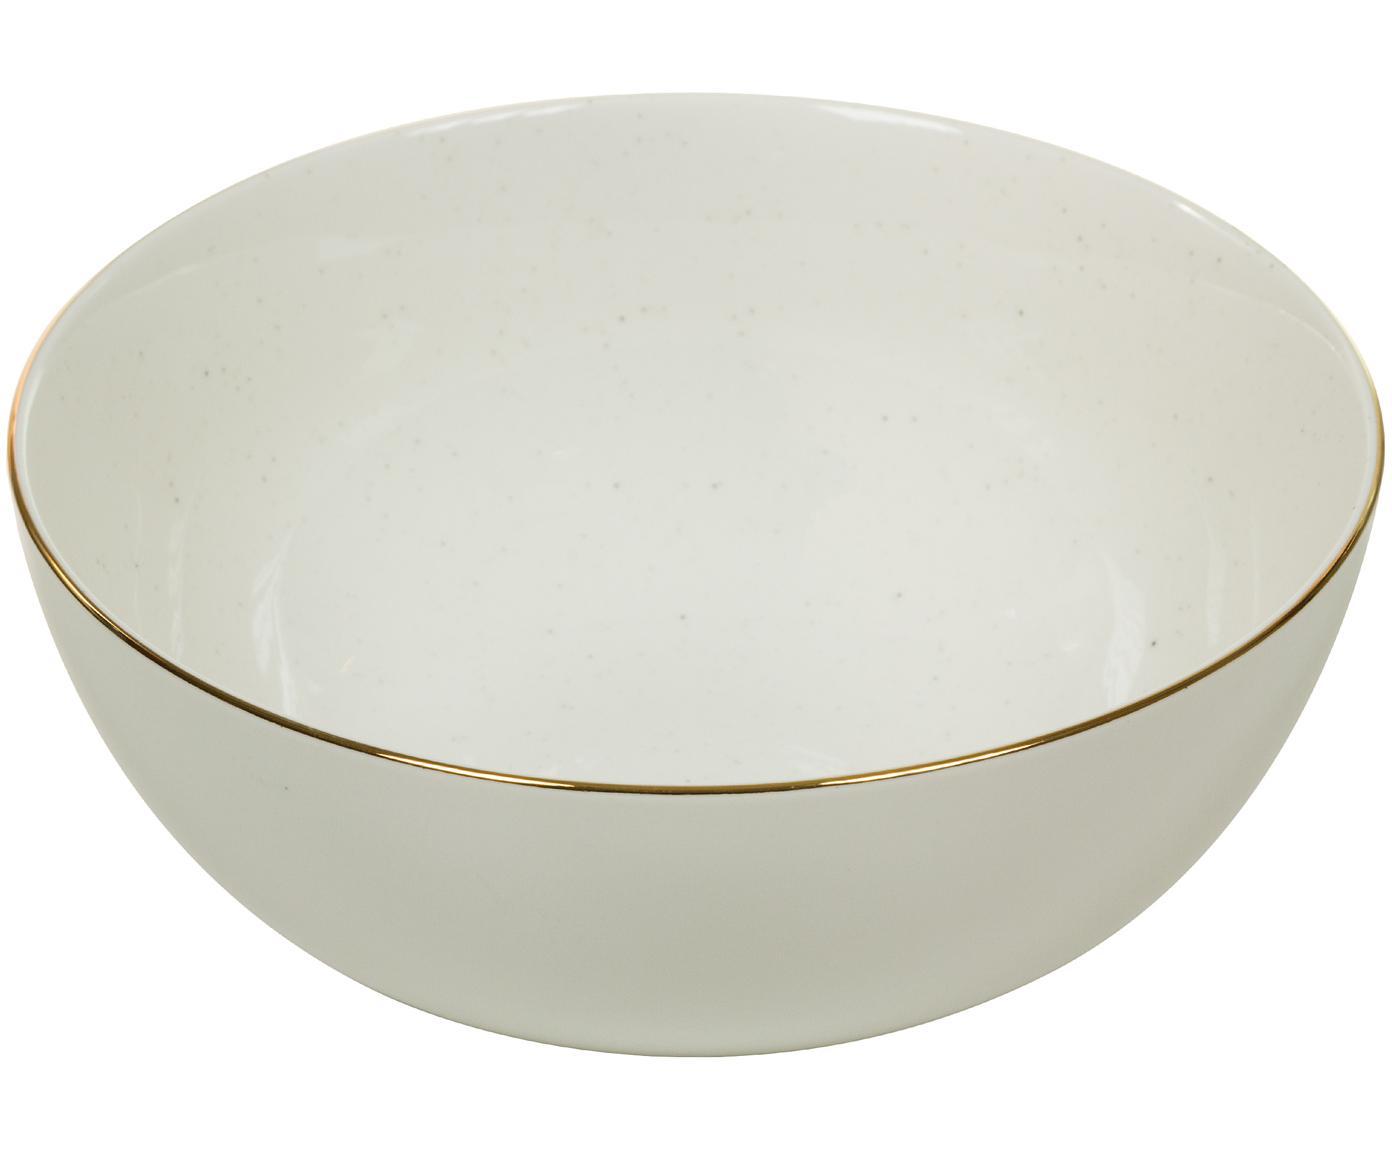 Ciotola fatta a mano con bordo dorato Bol, Porcellana, Bianco crema, Ø 22 x Alt. 10 cm